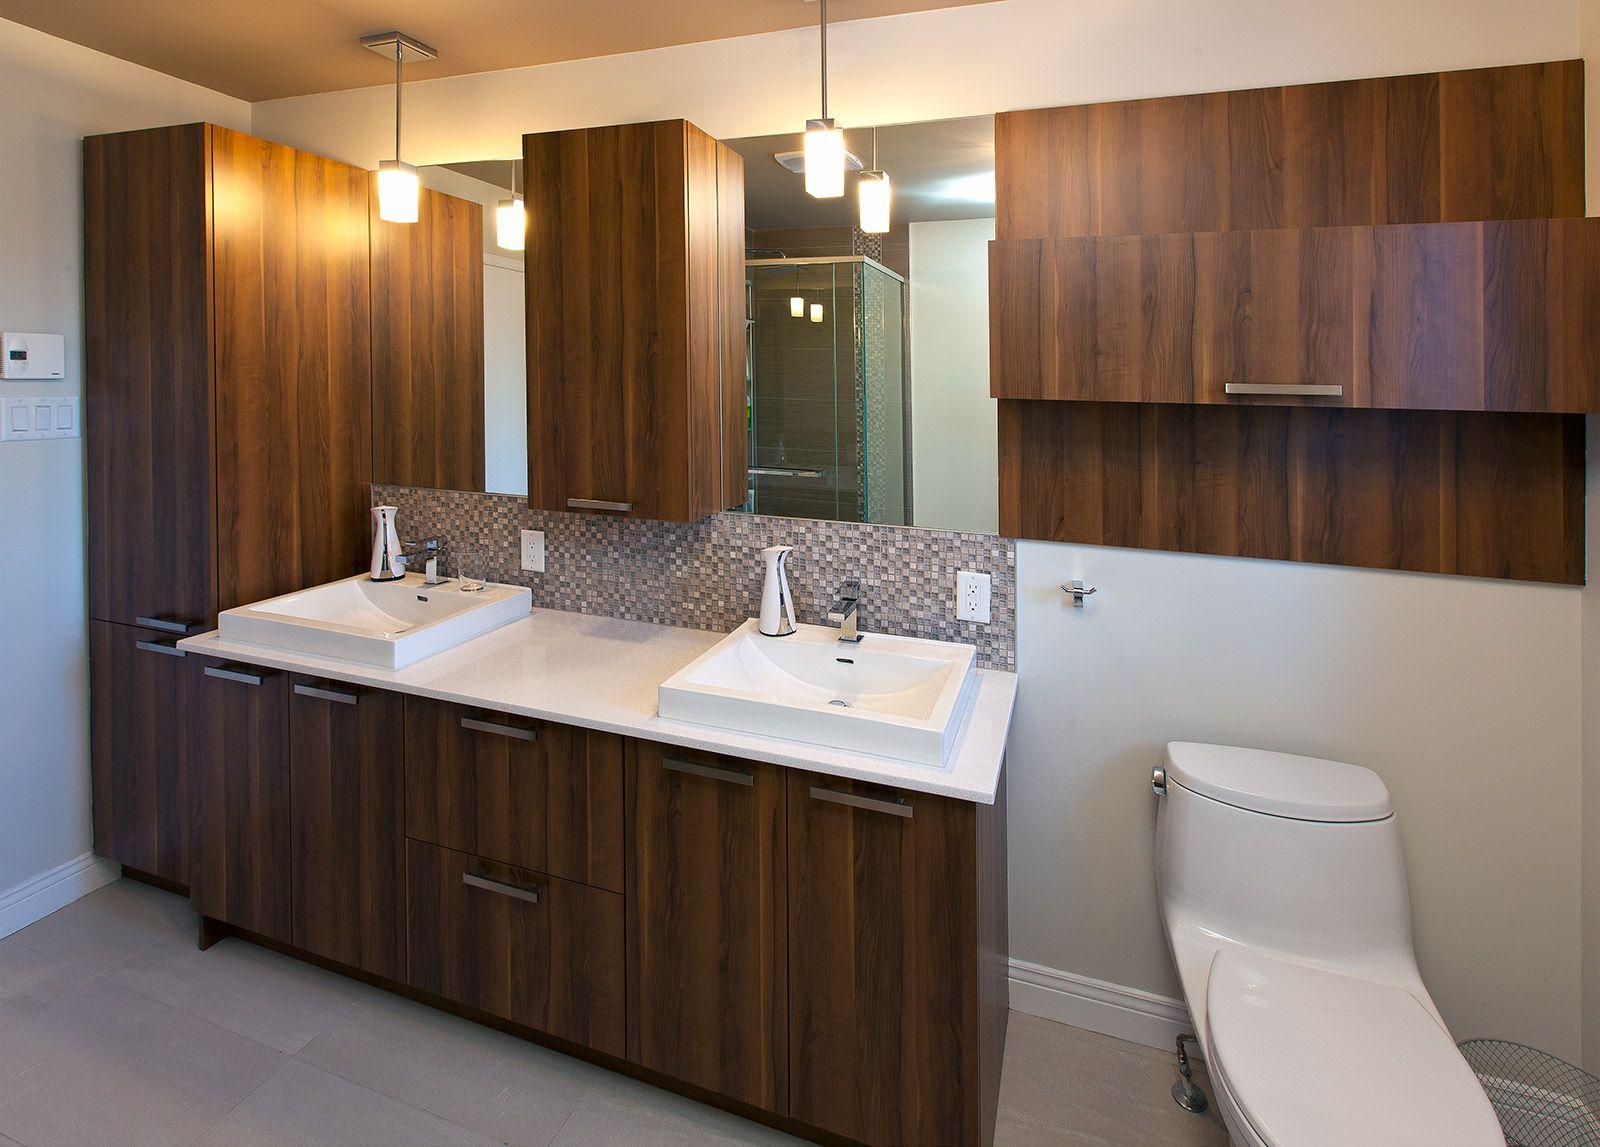 salle de bain archives griffe cuisine. Black Bedroom Furniture Sets. Home Design Ideas